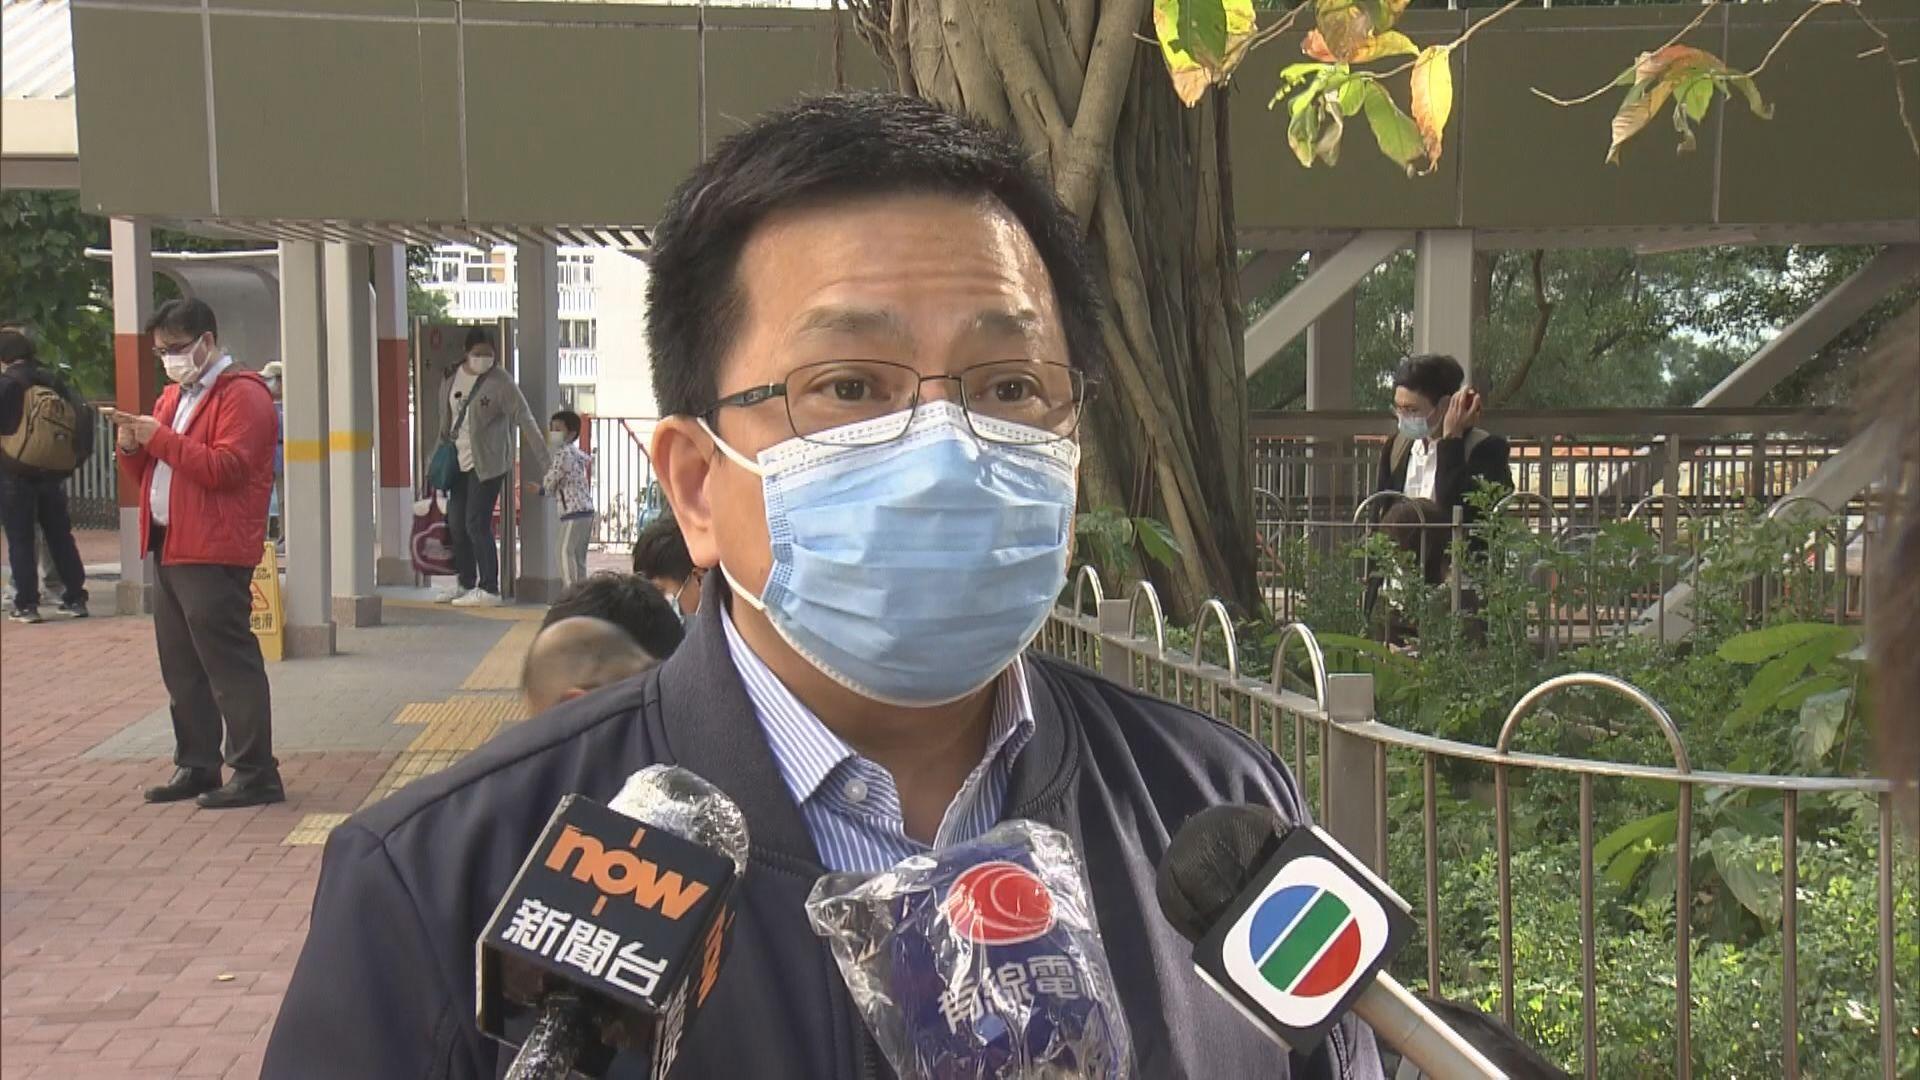 測量師指豐澤樓喉管設計常見 籲居民留意有否滲漏